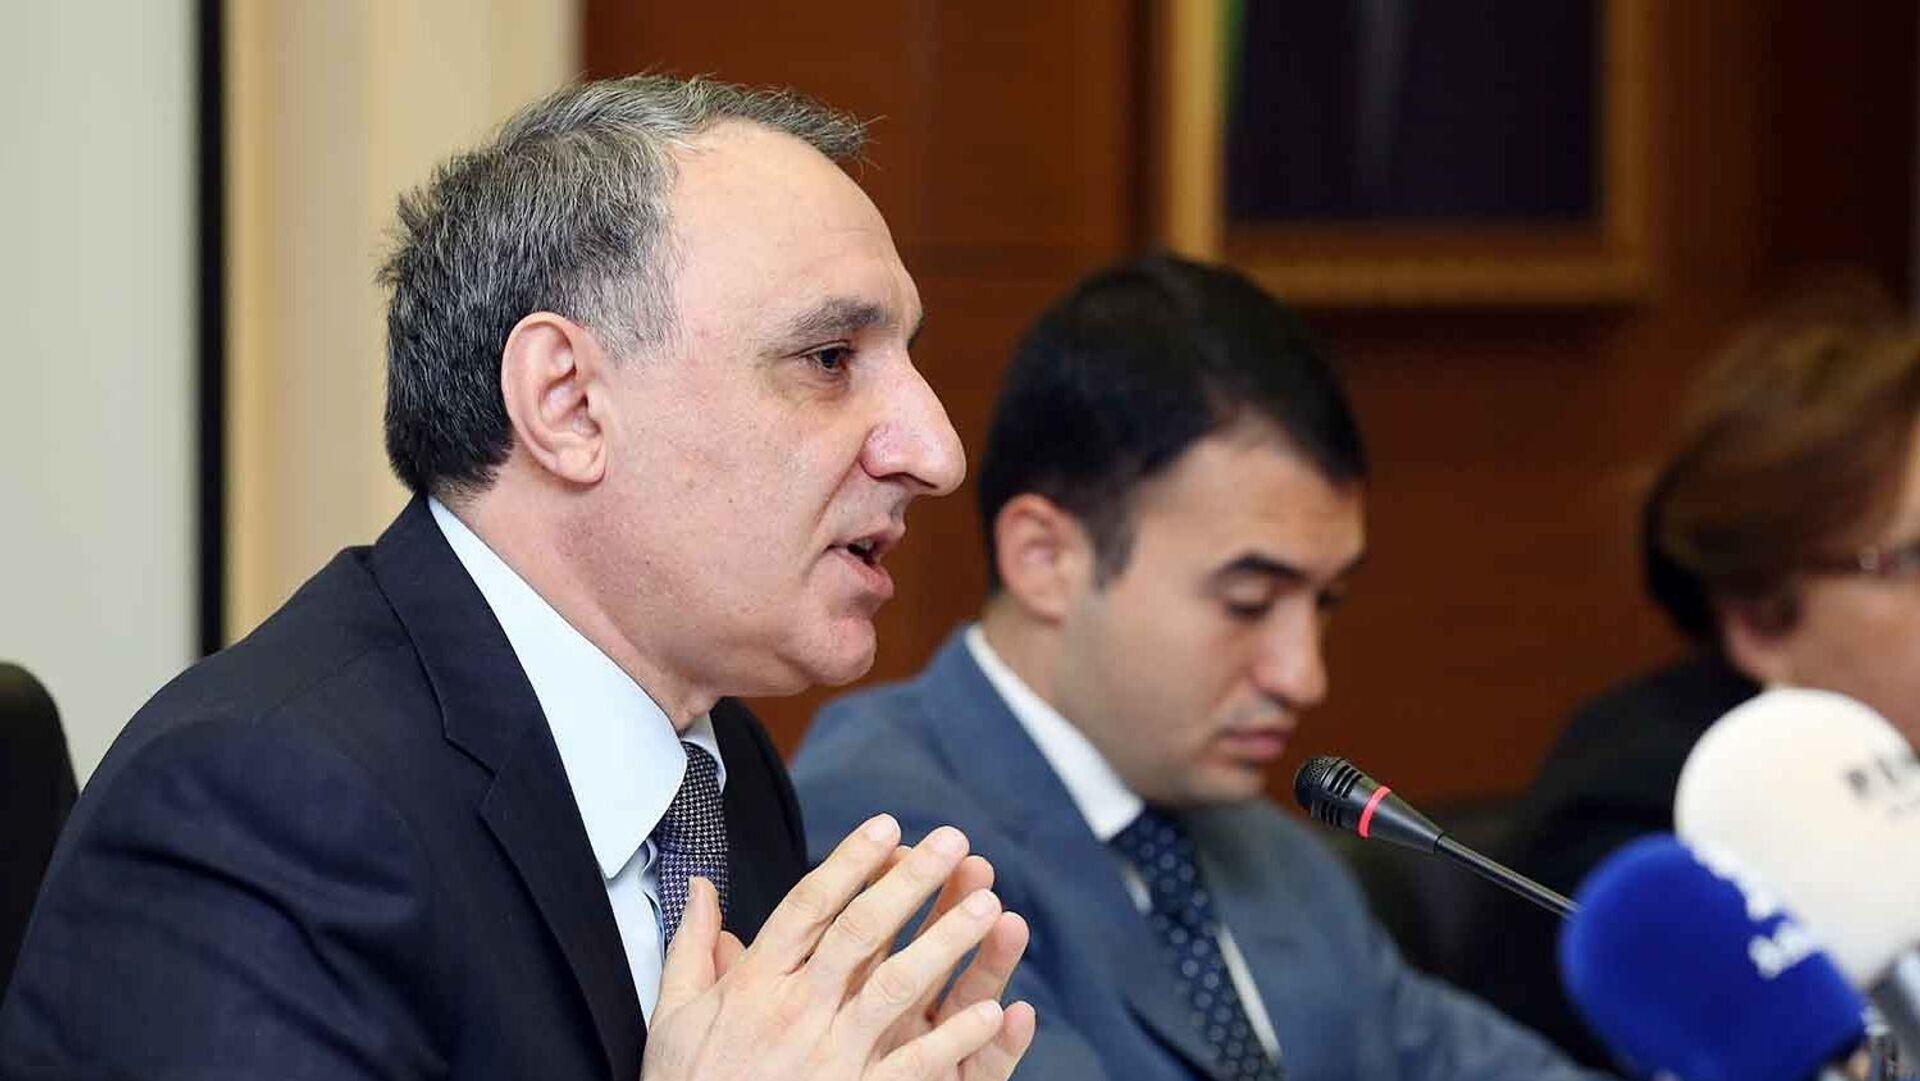 Генеральный прокурор АР Кямран Алиев, фото из архива - Sputnik Азербайджан, 1920, 28.09.2021